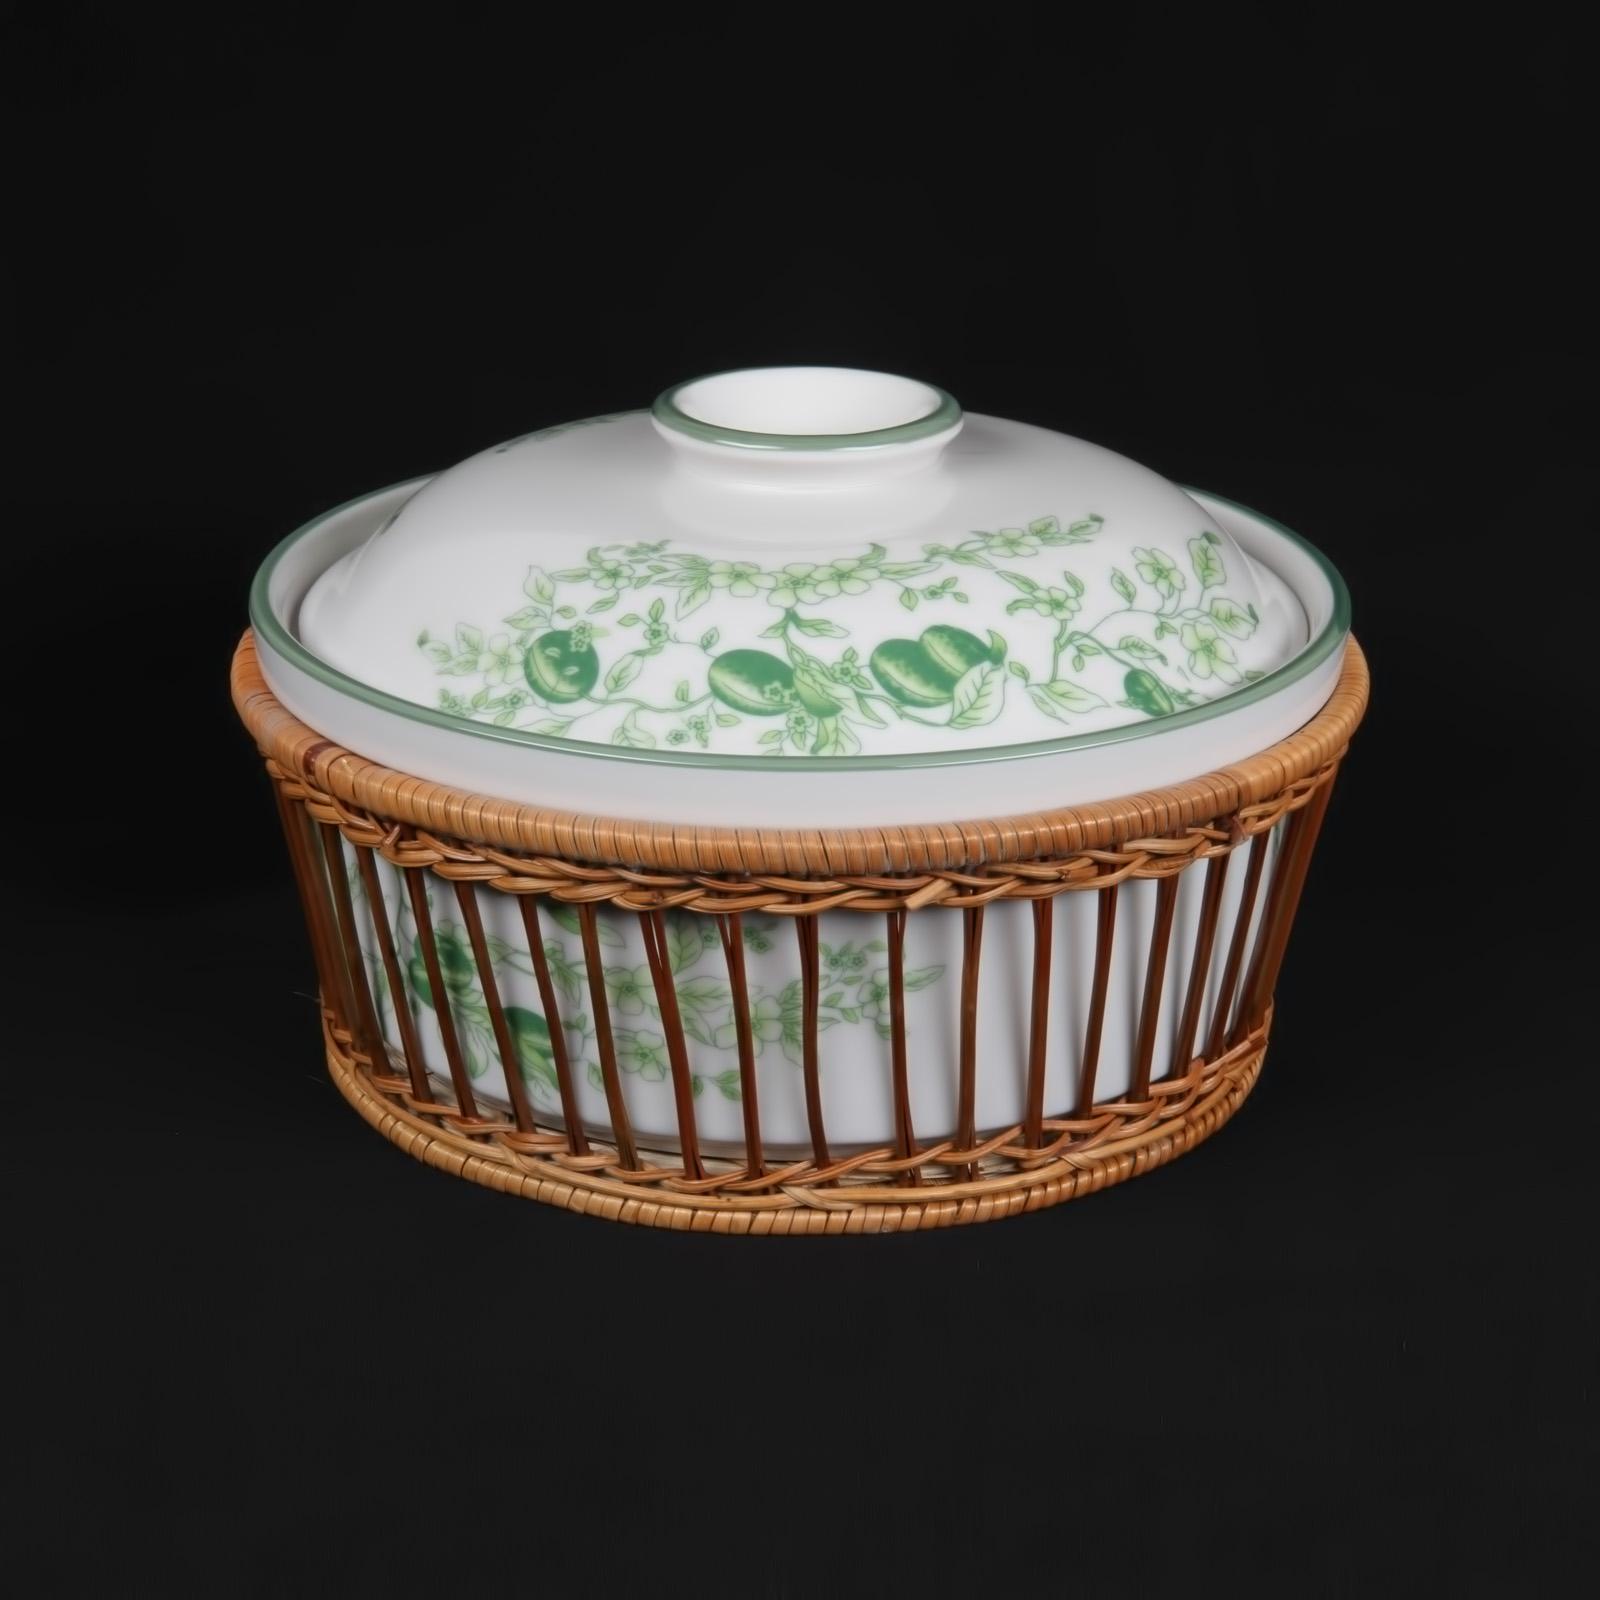 Керамическая кастрюля «Дикая слива» + бамбуковая корзина